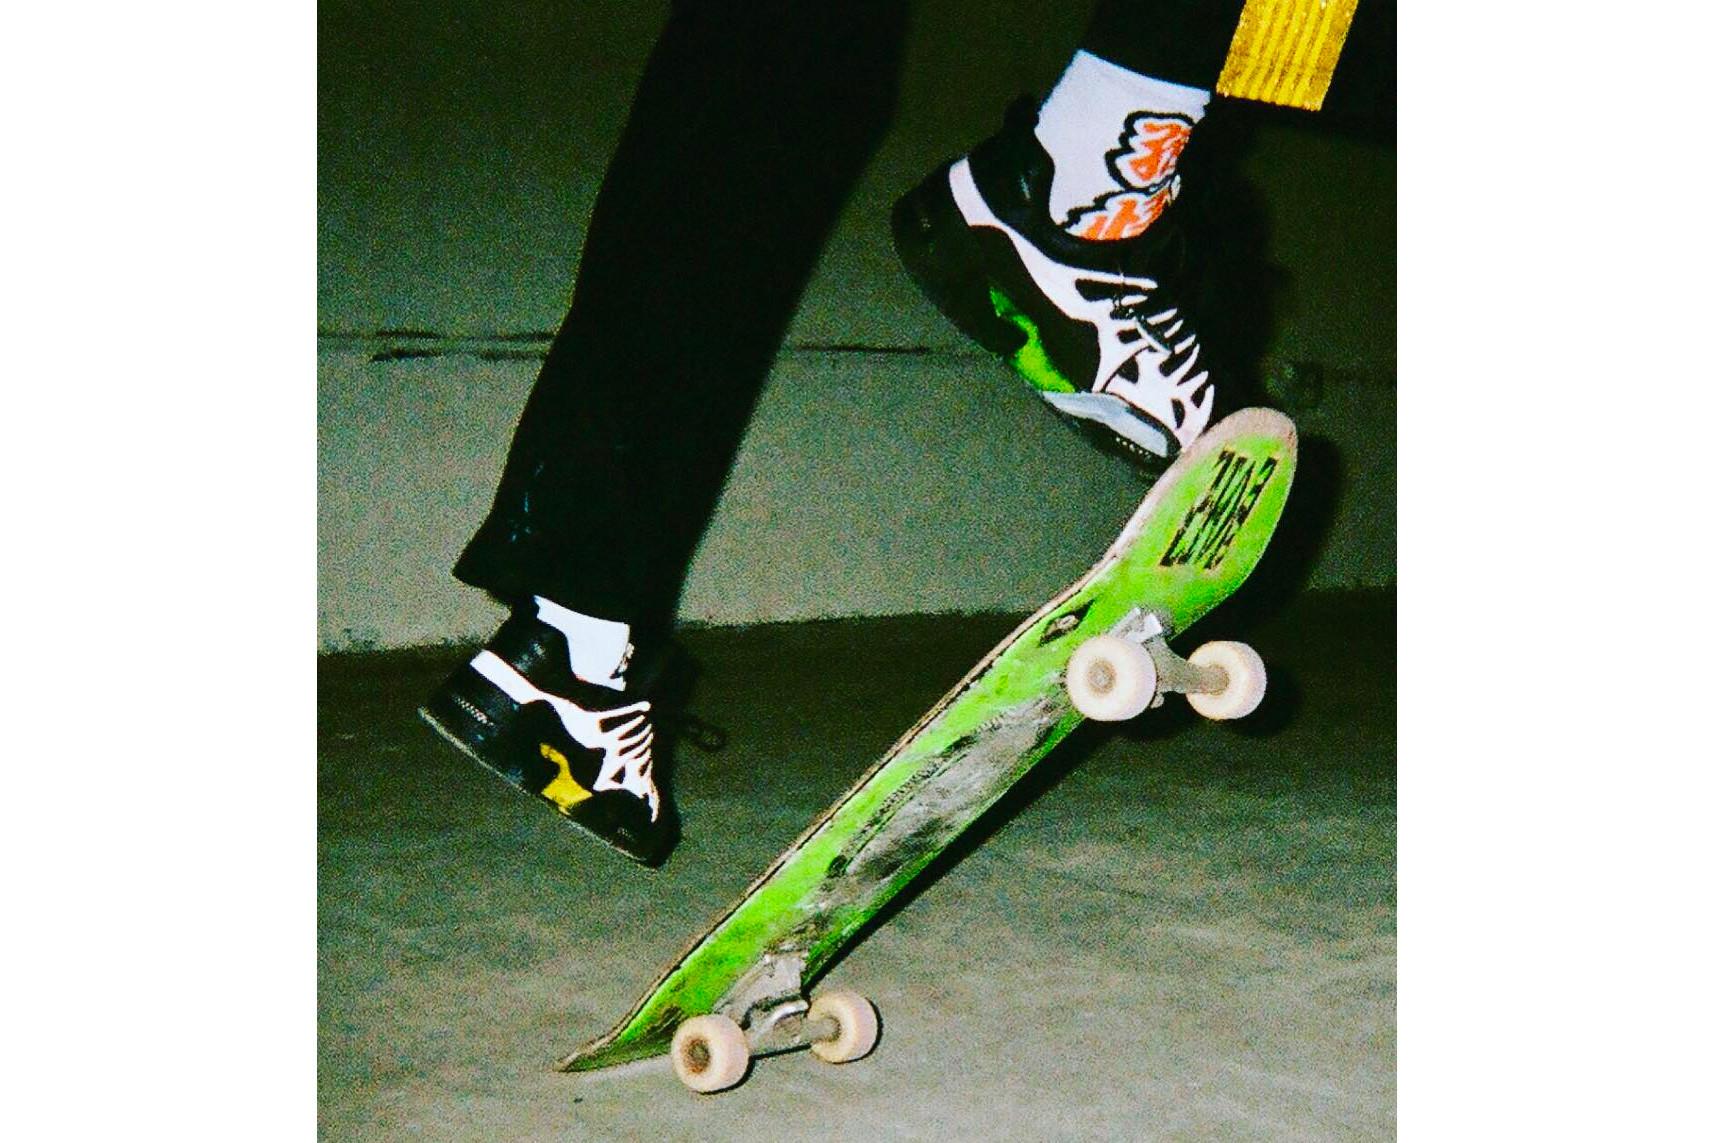 Nouveau colorway pour la sneaker d'A$AP Rocky chez Under Armour